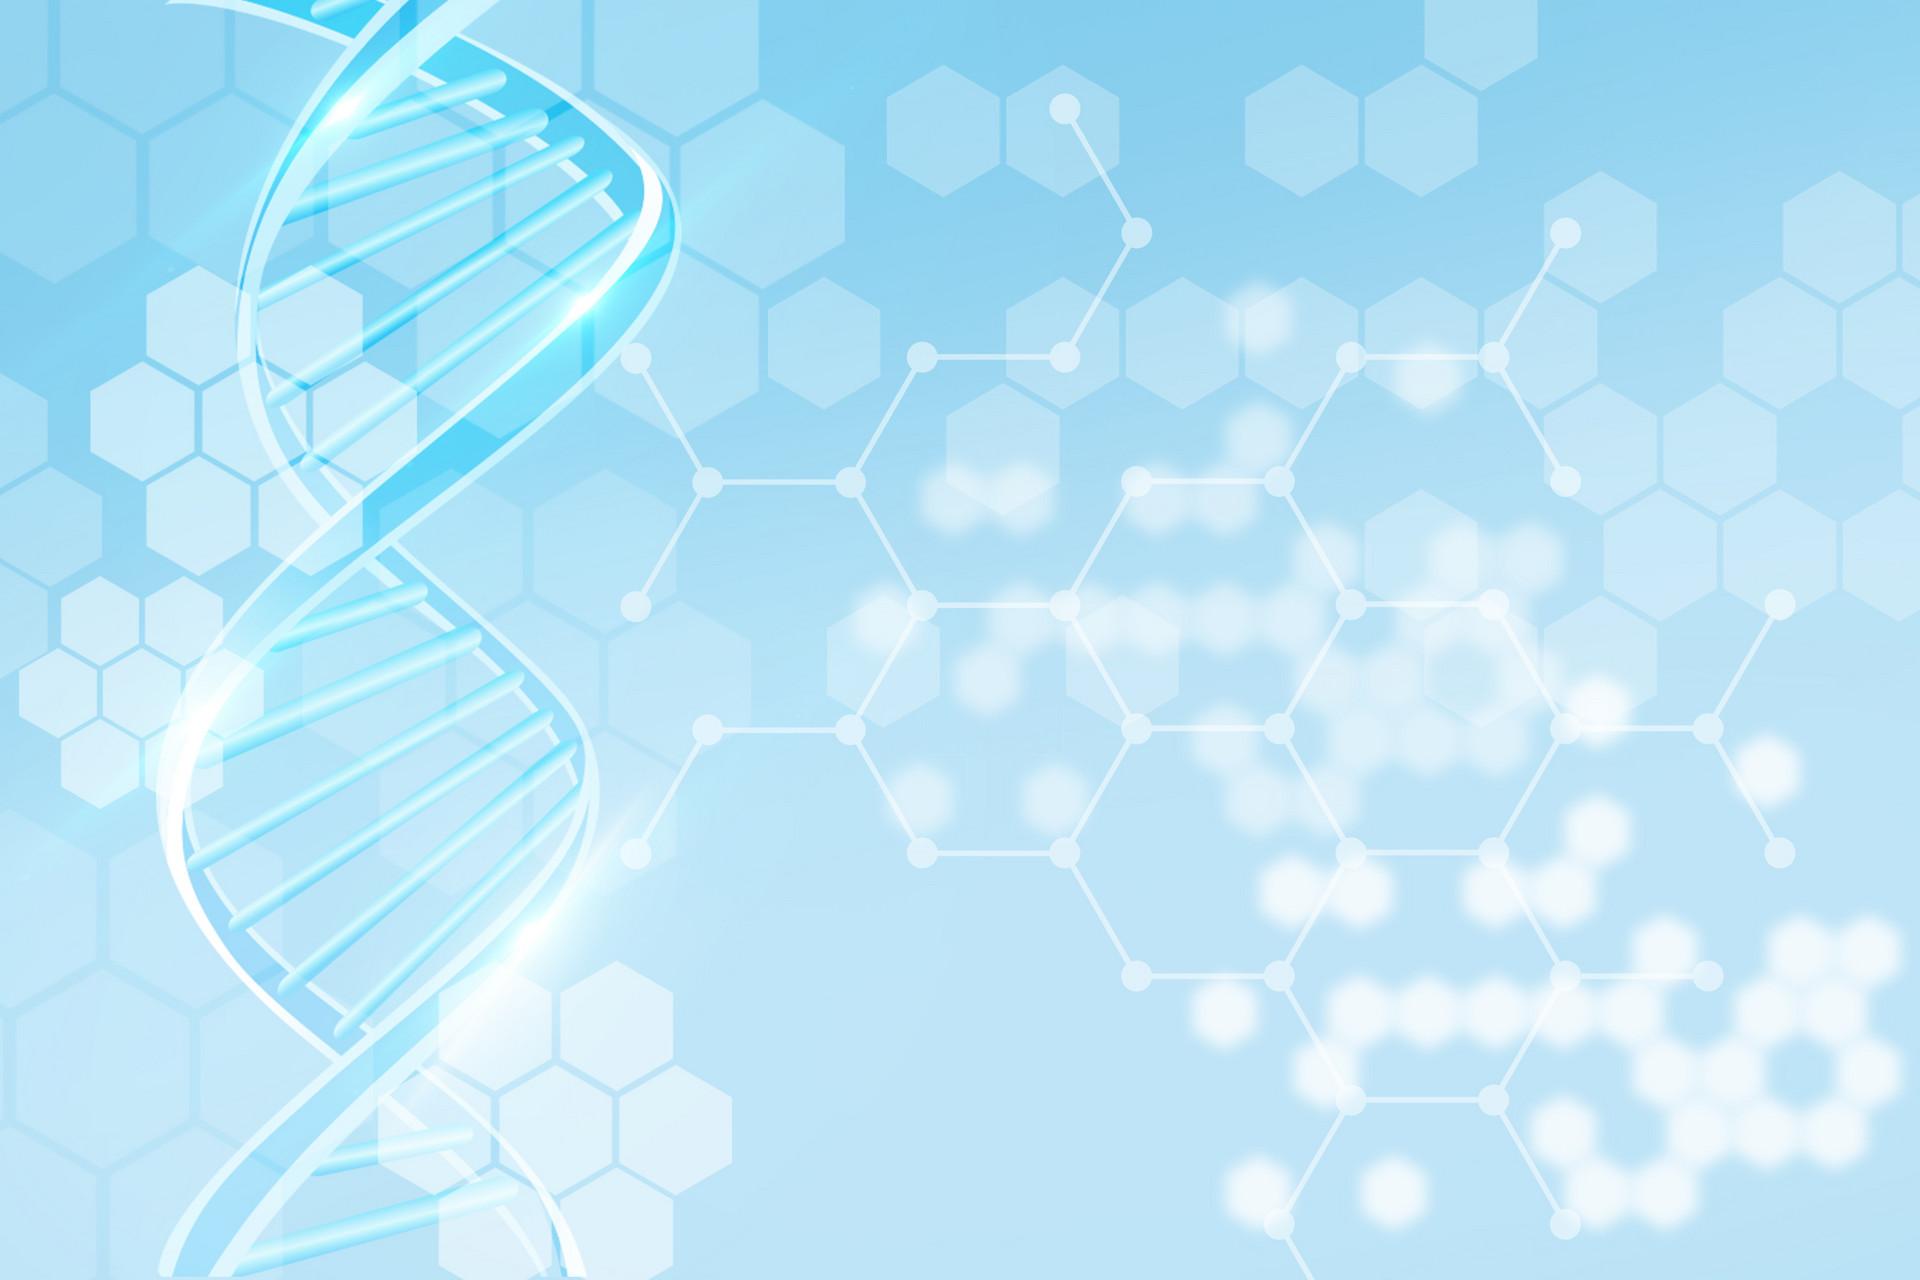 小分子肽的免疫调节与促吞噬肽